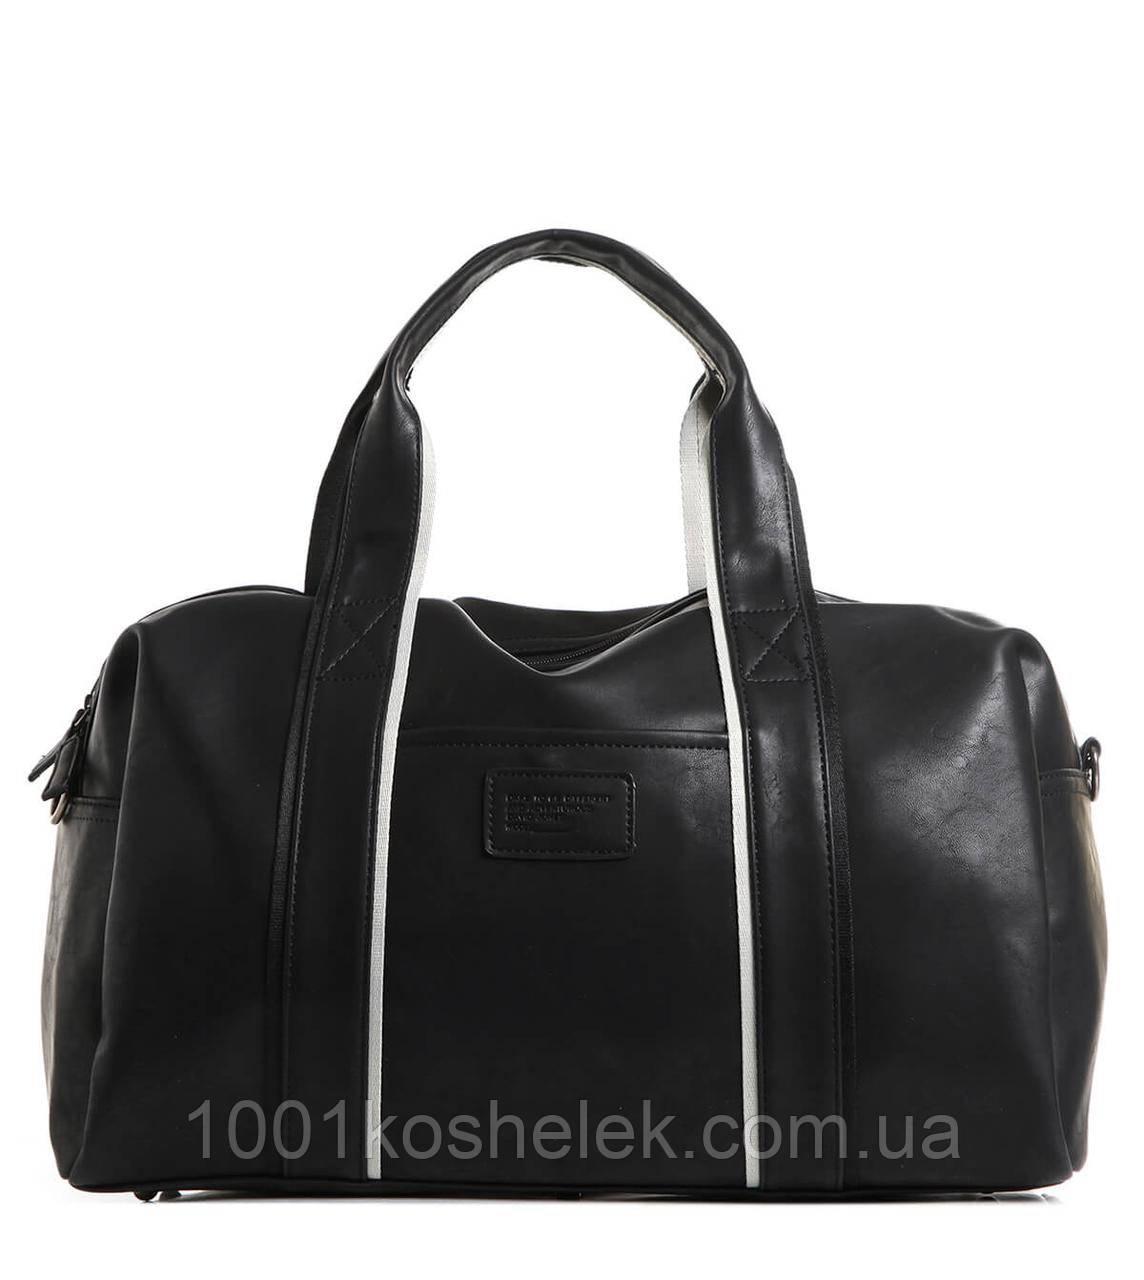 Дорожная сумка David Jones 5917-2 (Черный)